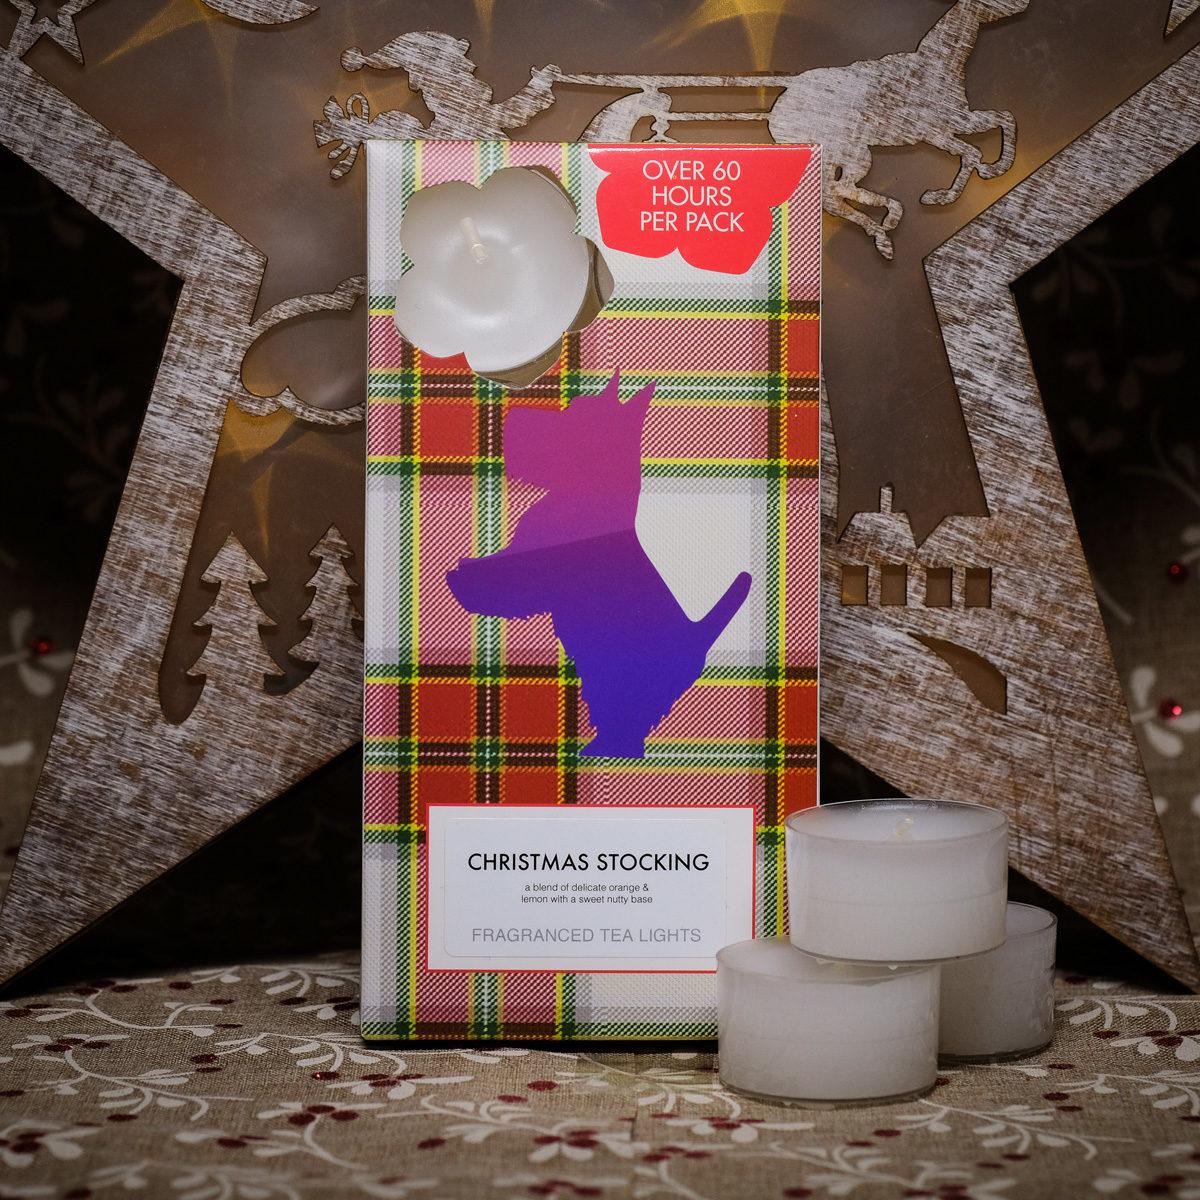 Christmas Stocking Tealights